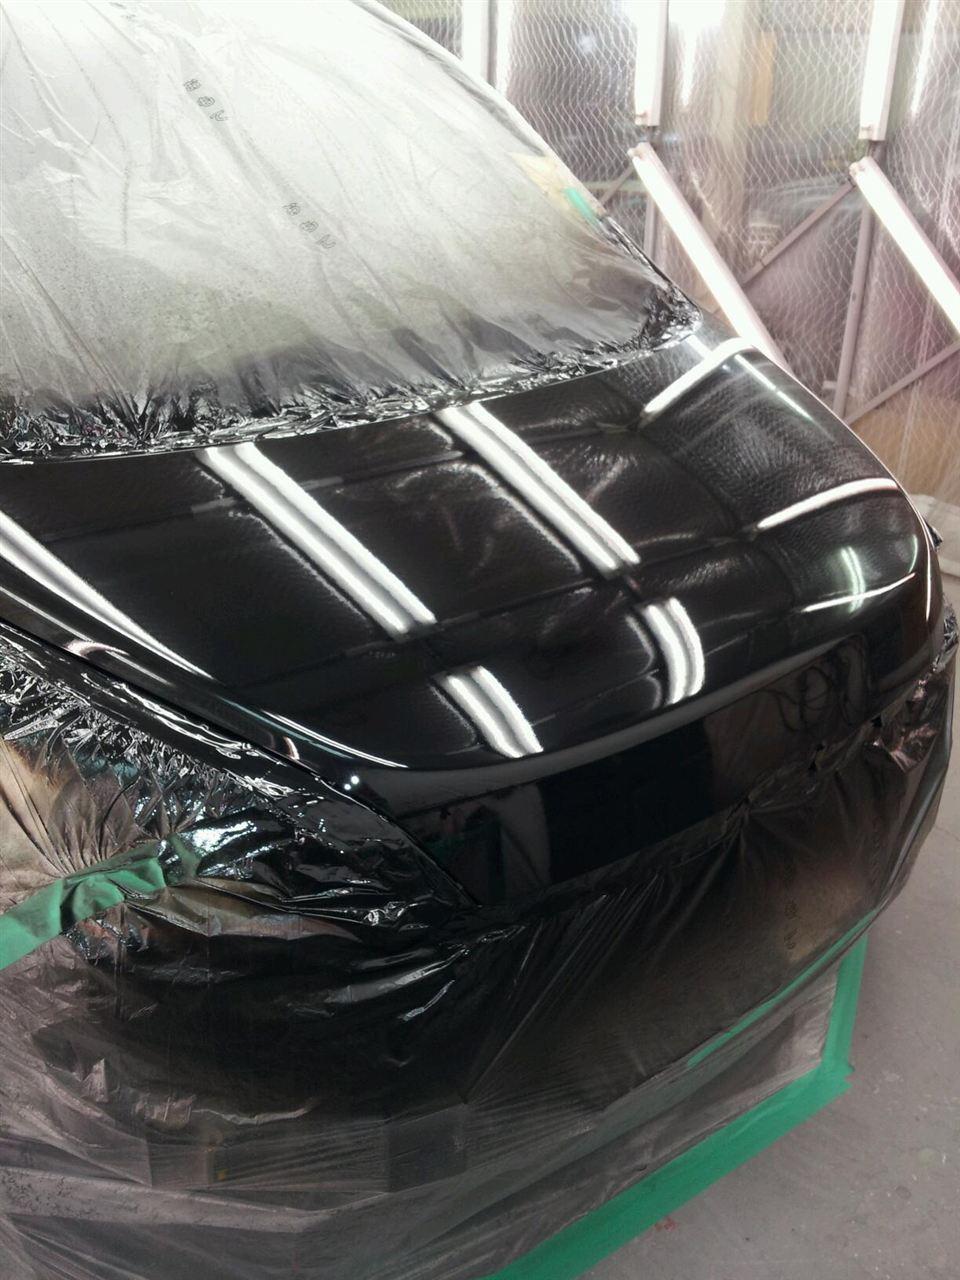 東京都立川市の車の板金塗装修理工場 ガレージローライドのホンダ ステップワゴンの車両保険を使ったいたずらキズの修理 塗装 です。